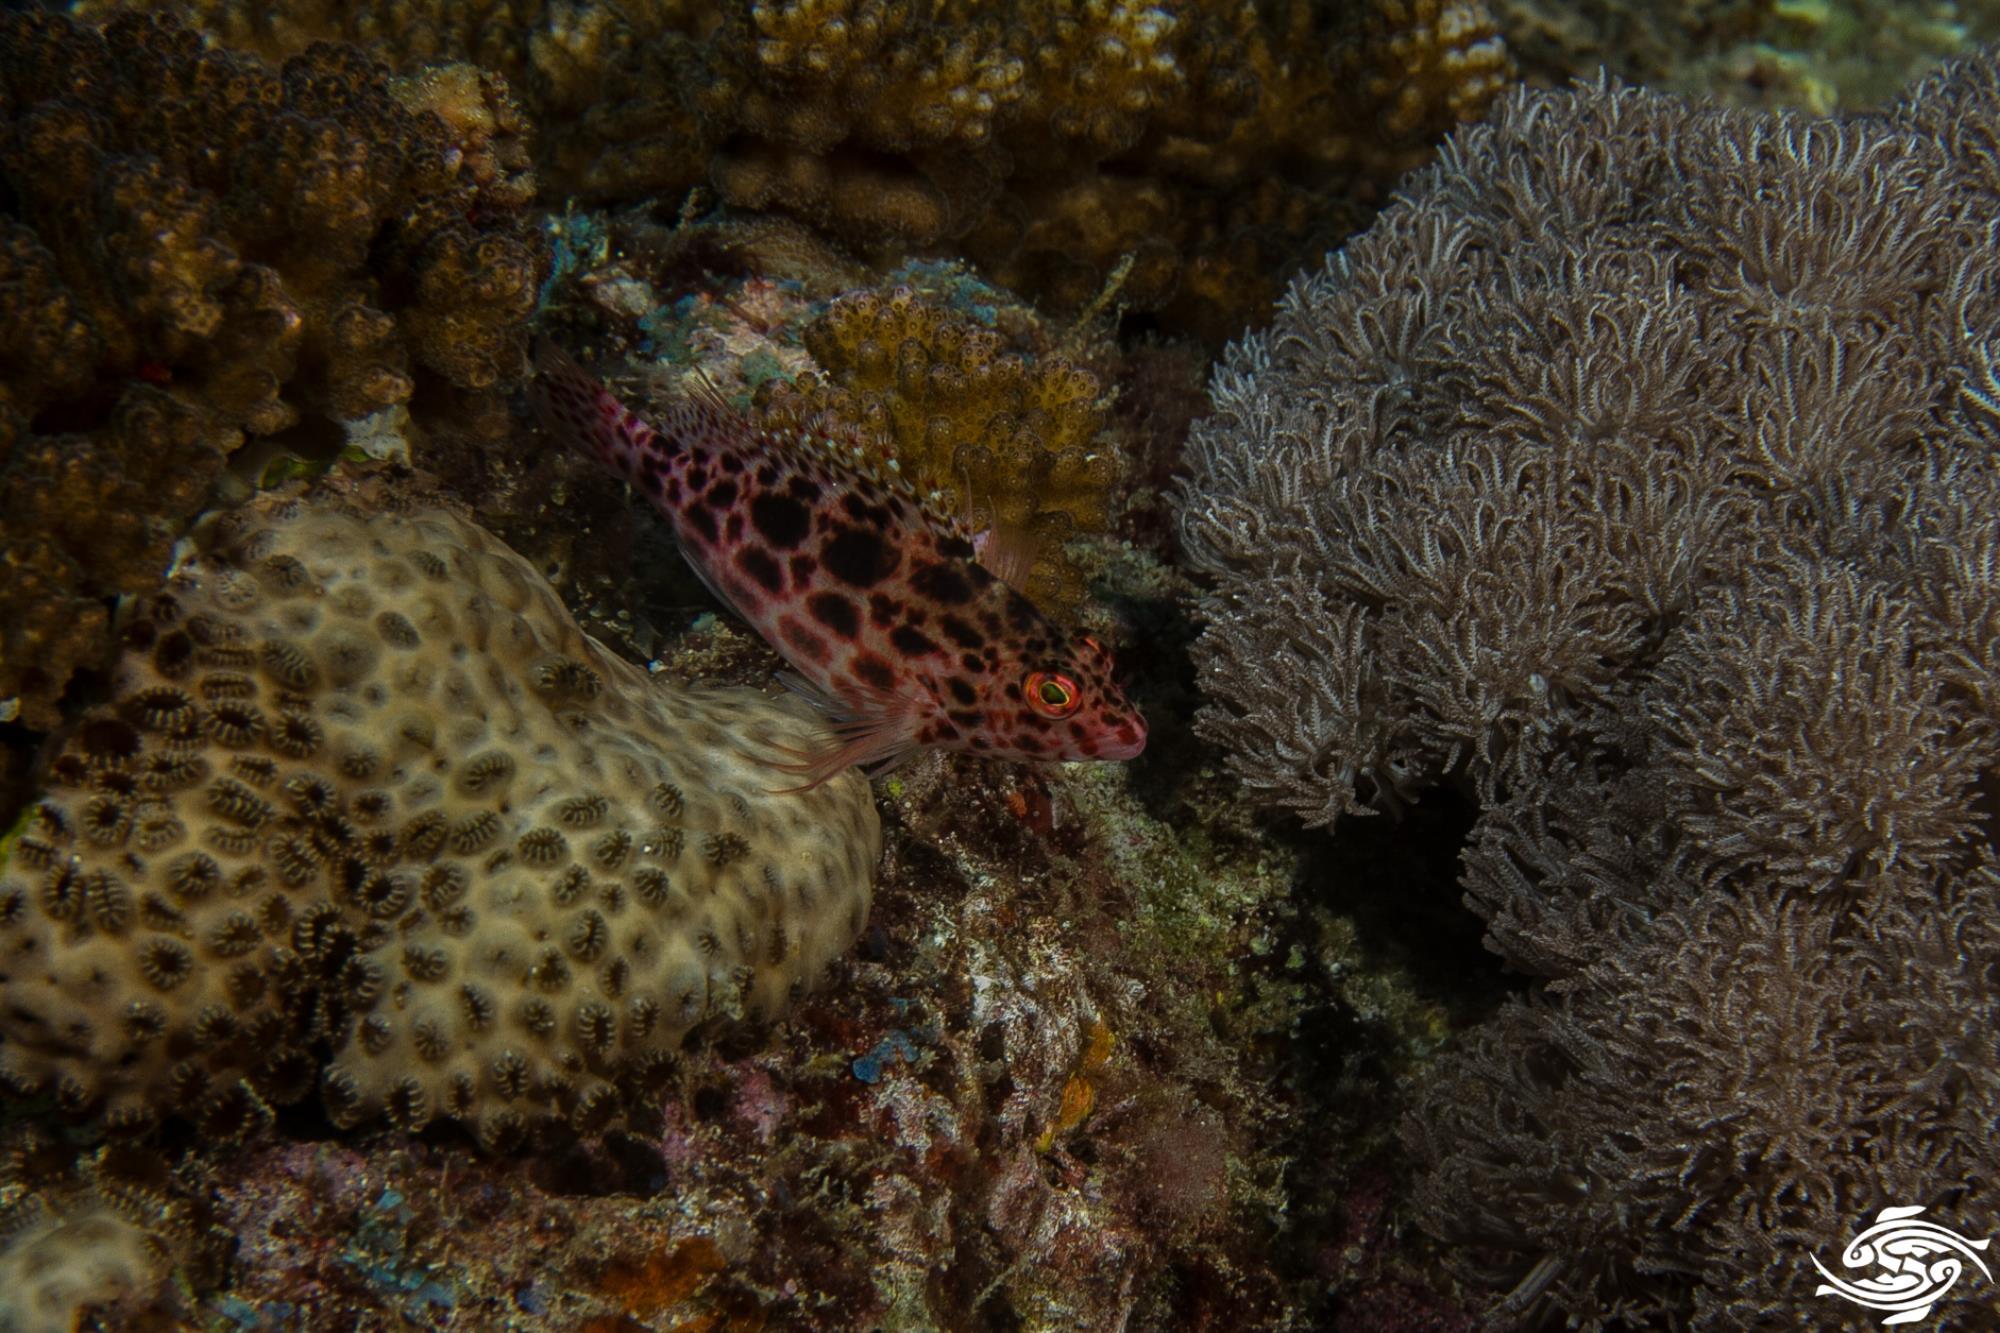 Spotted HawkfishCirrhitichthys